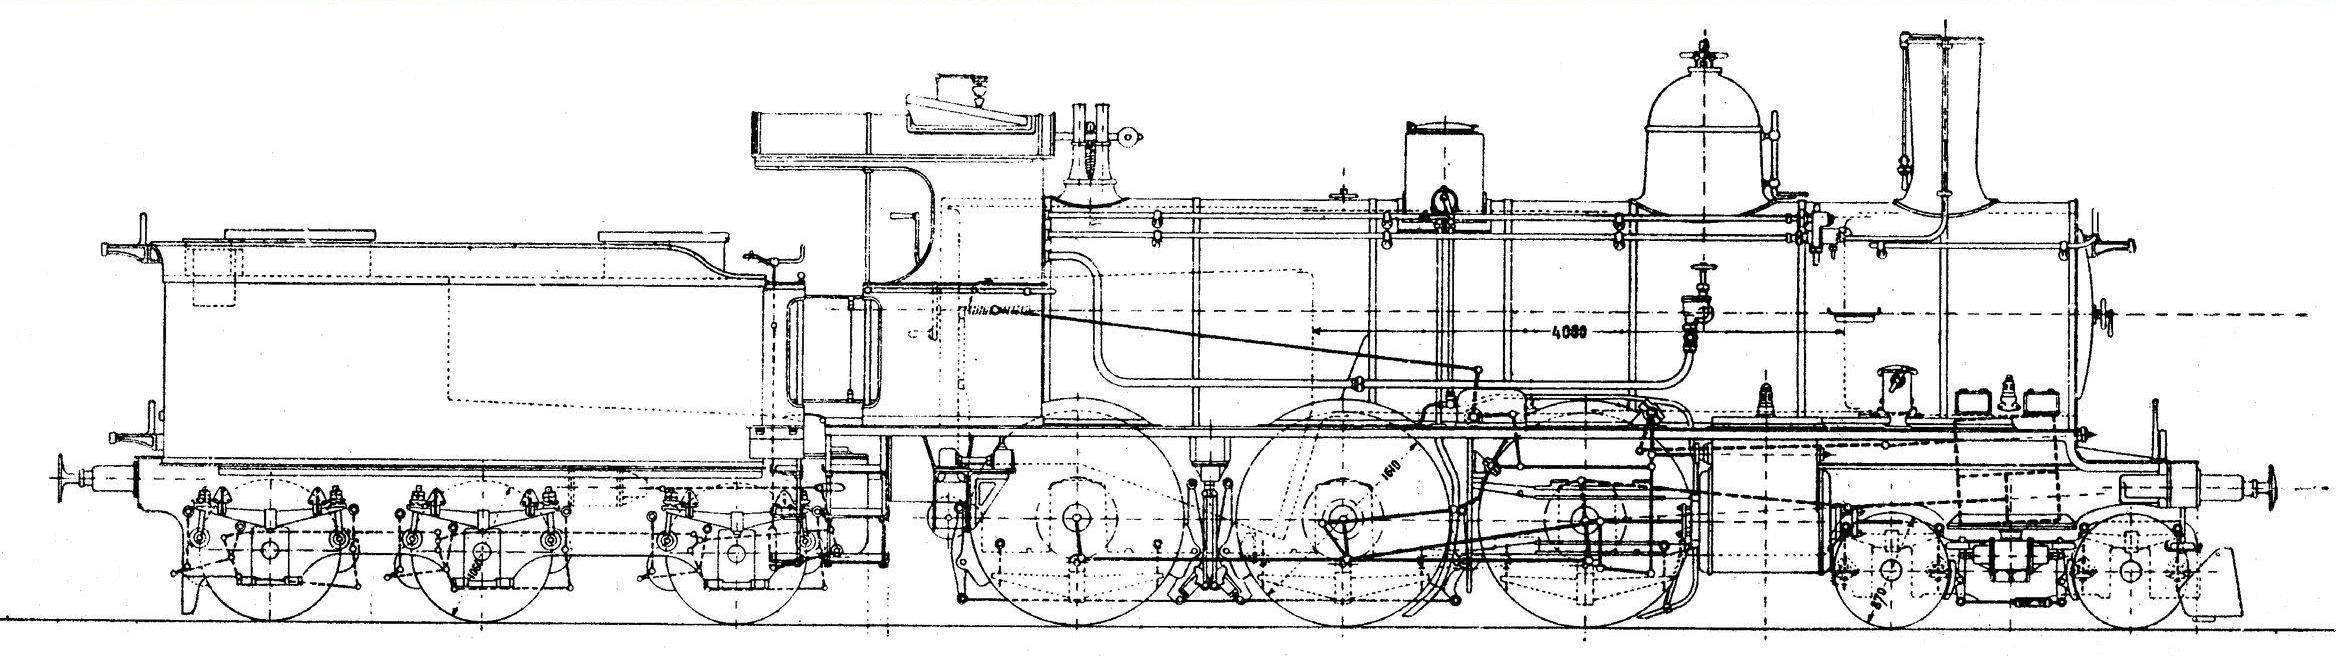 File:GB A 3-5 225-230 Typenskizze.JPG - Wikimedia Commons